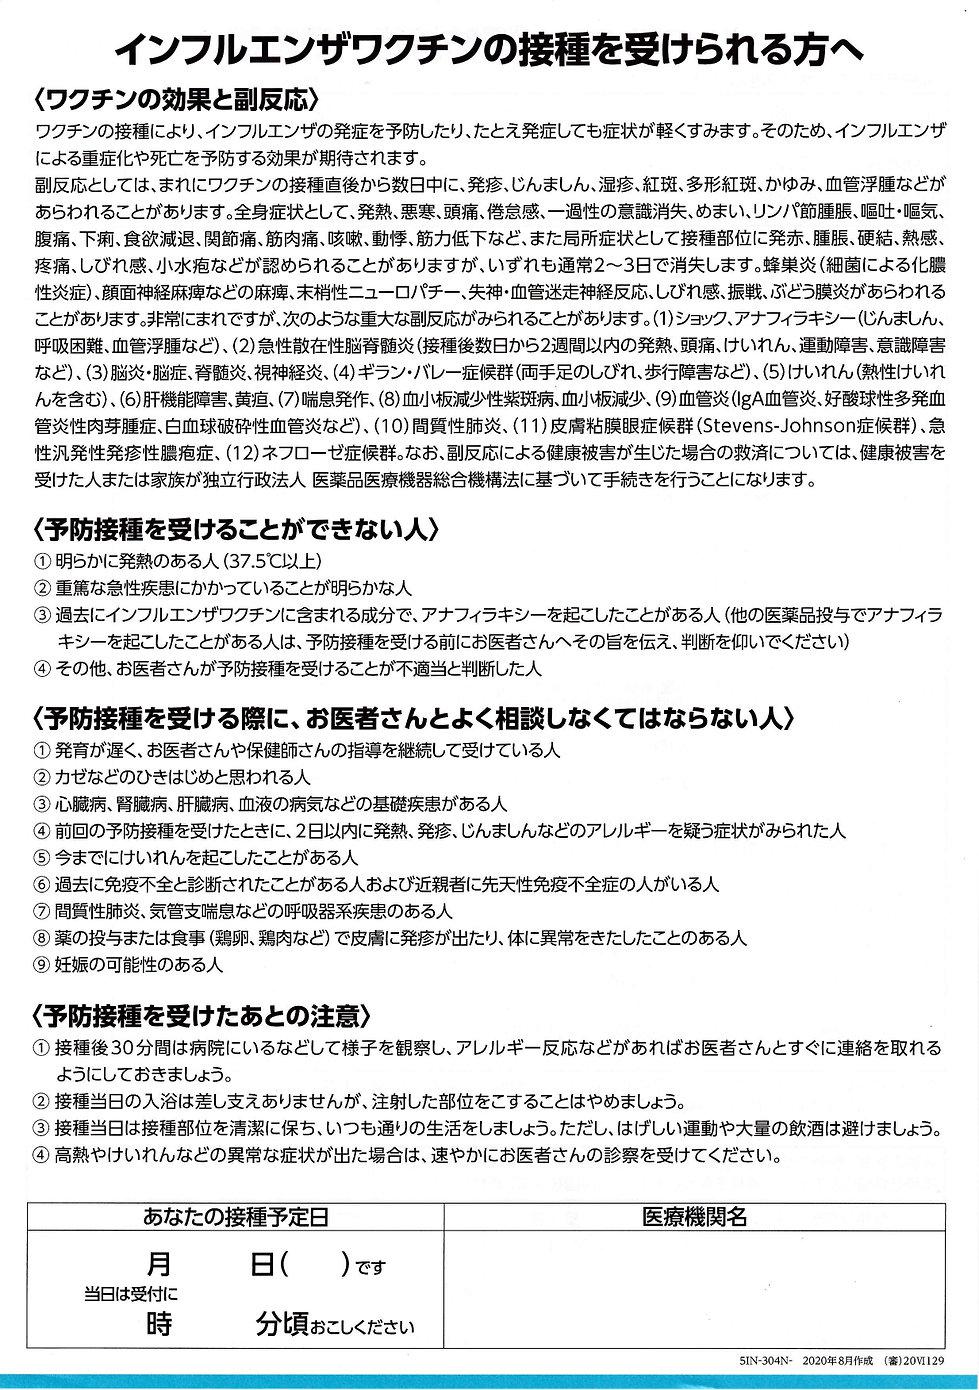 インフルエンザ予診票 裏面_page-0001.jpg